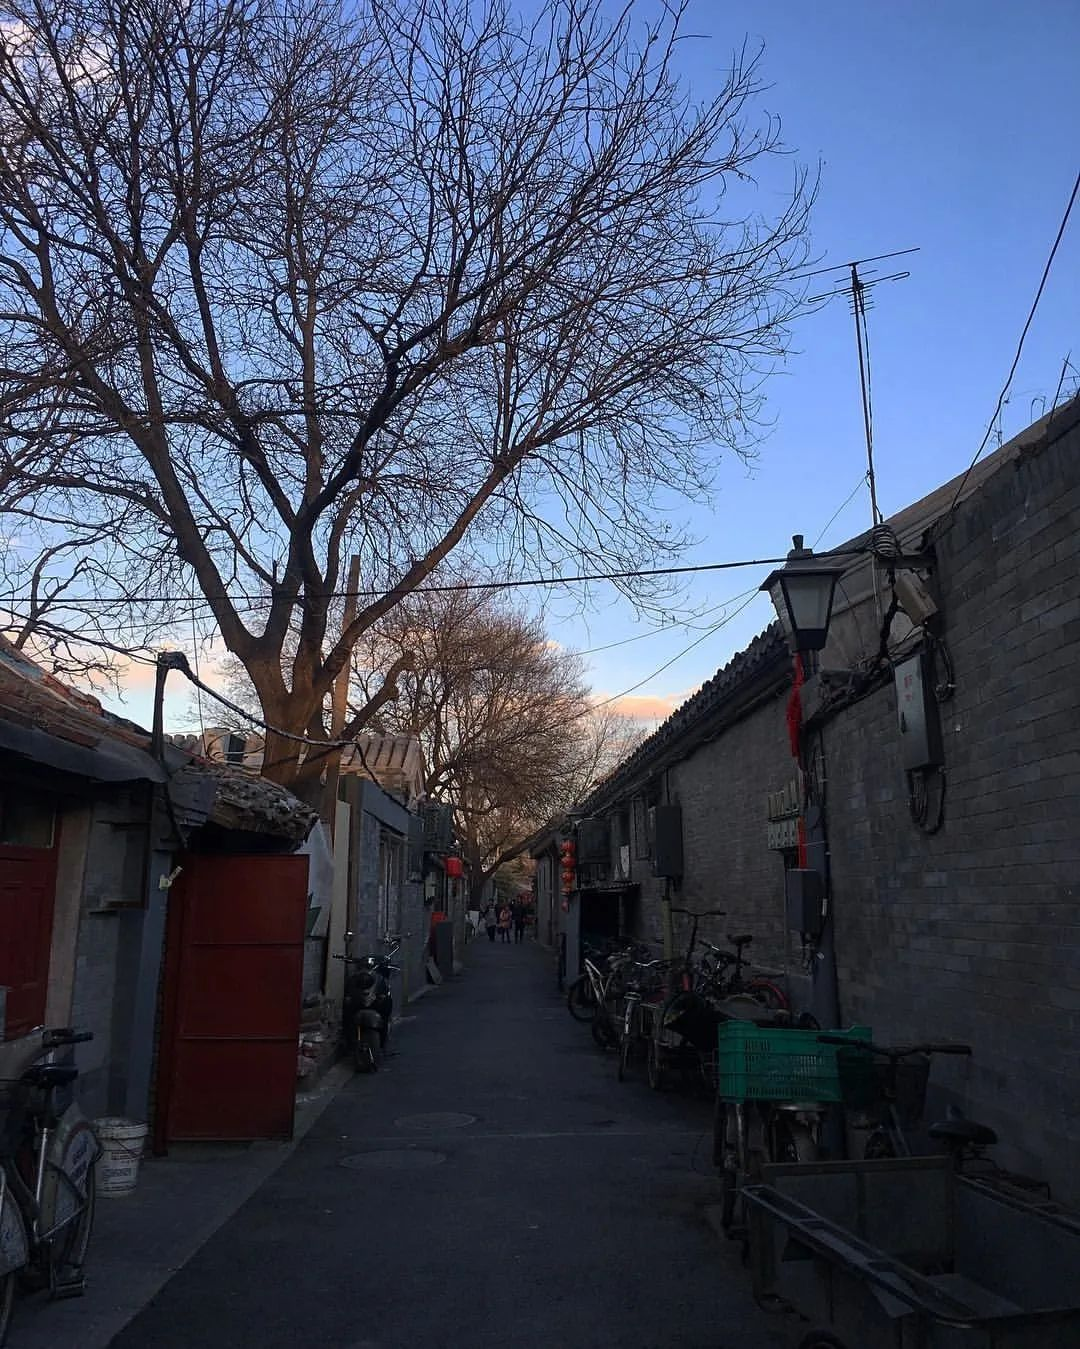 中国第一人!从学渣到手艺届奥斯卡得主,北京女孩打破日本30年垄断,惊艳全世界…